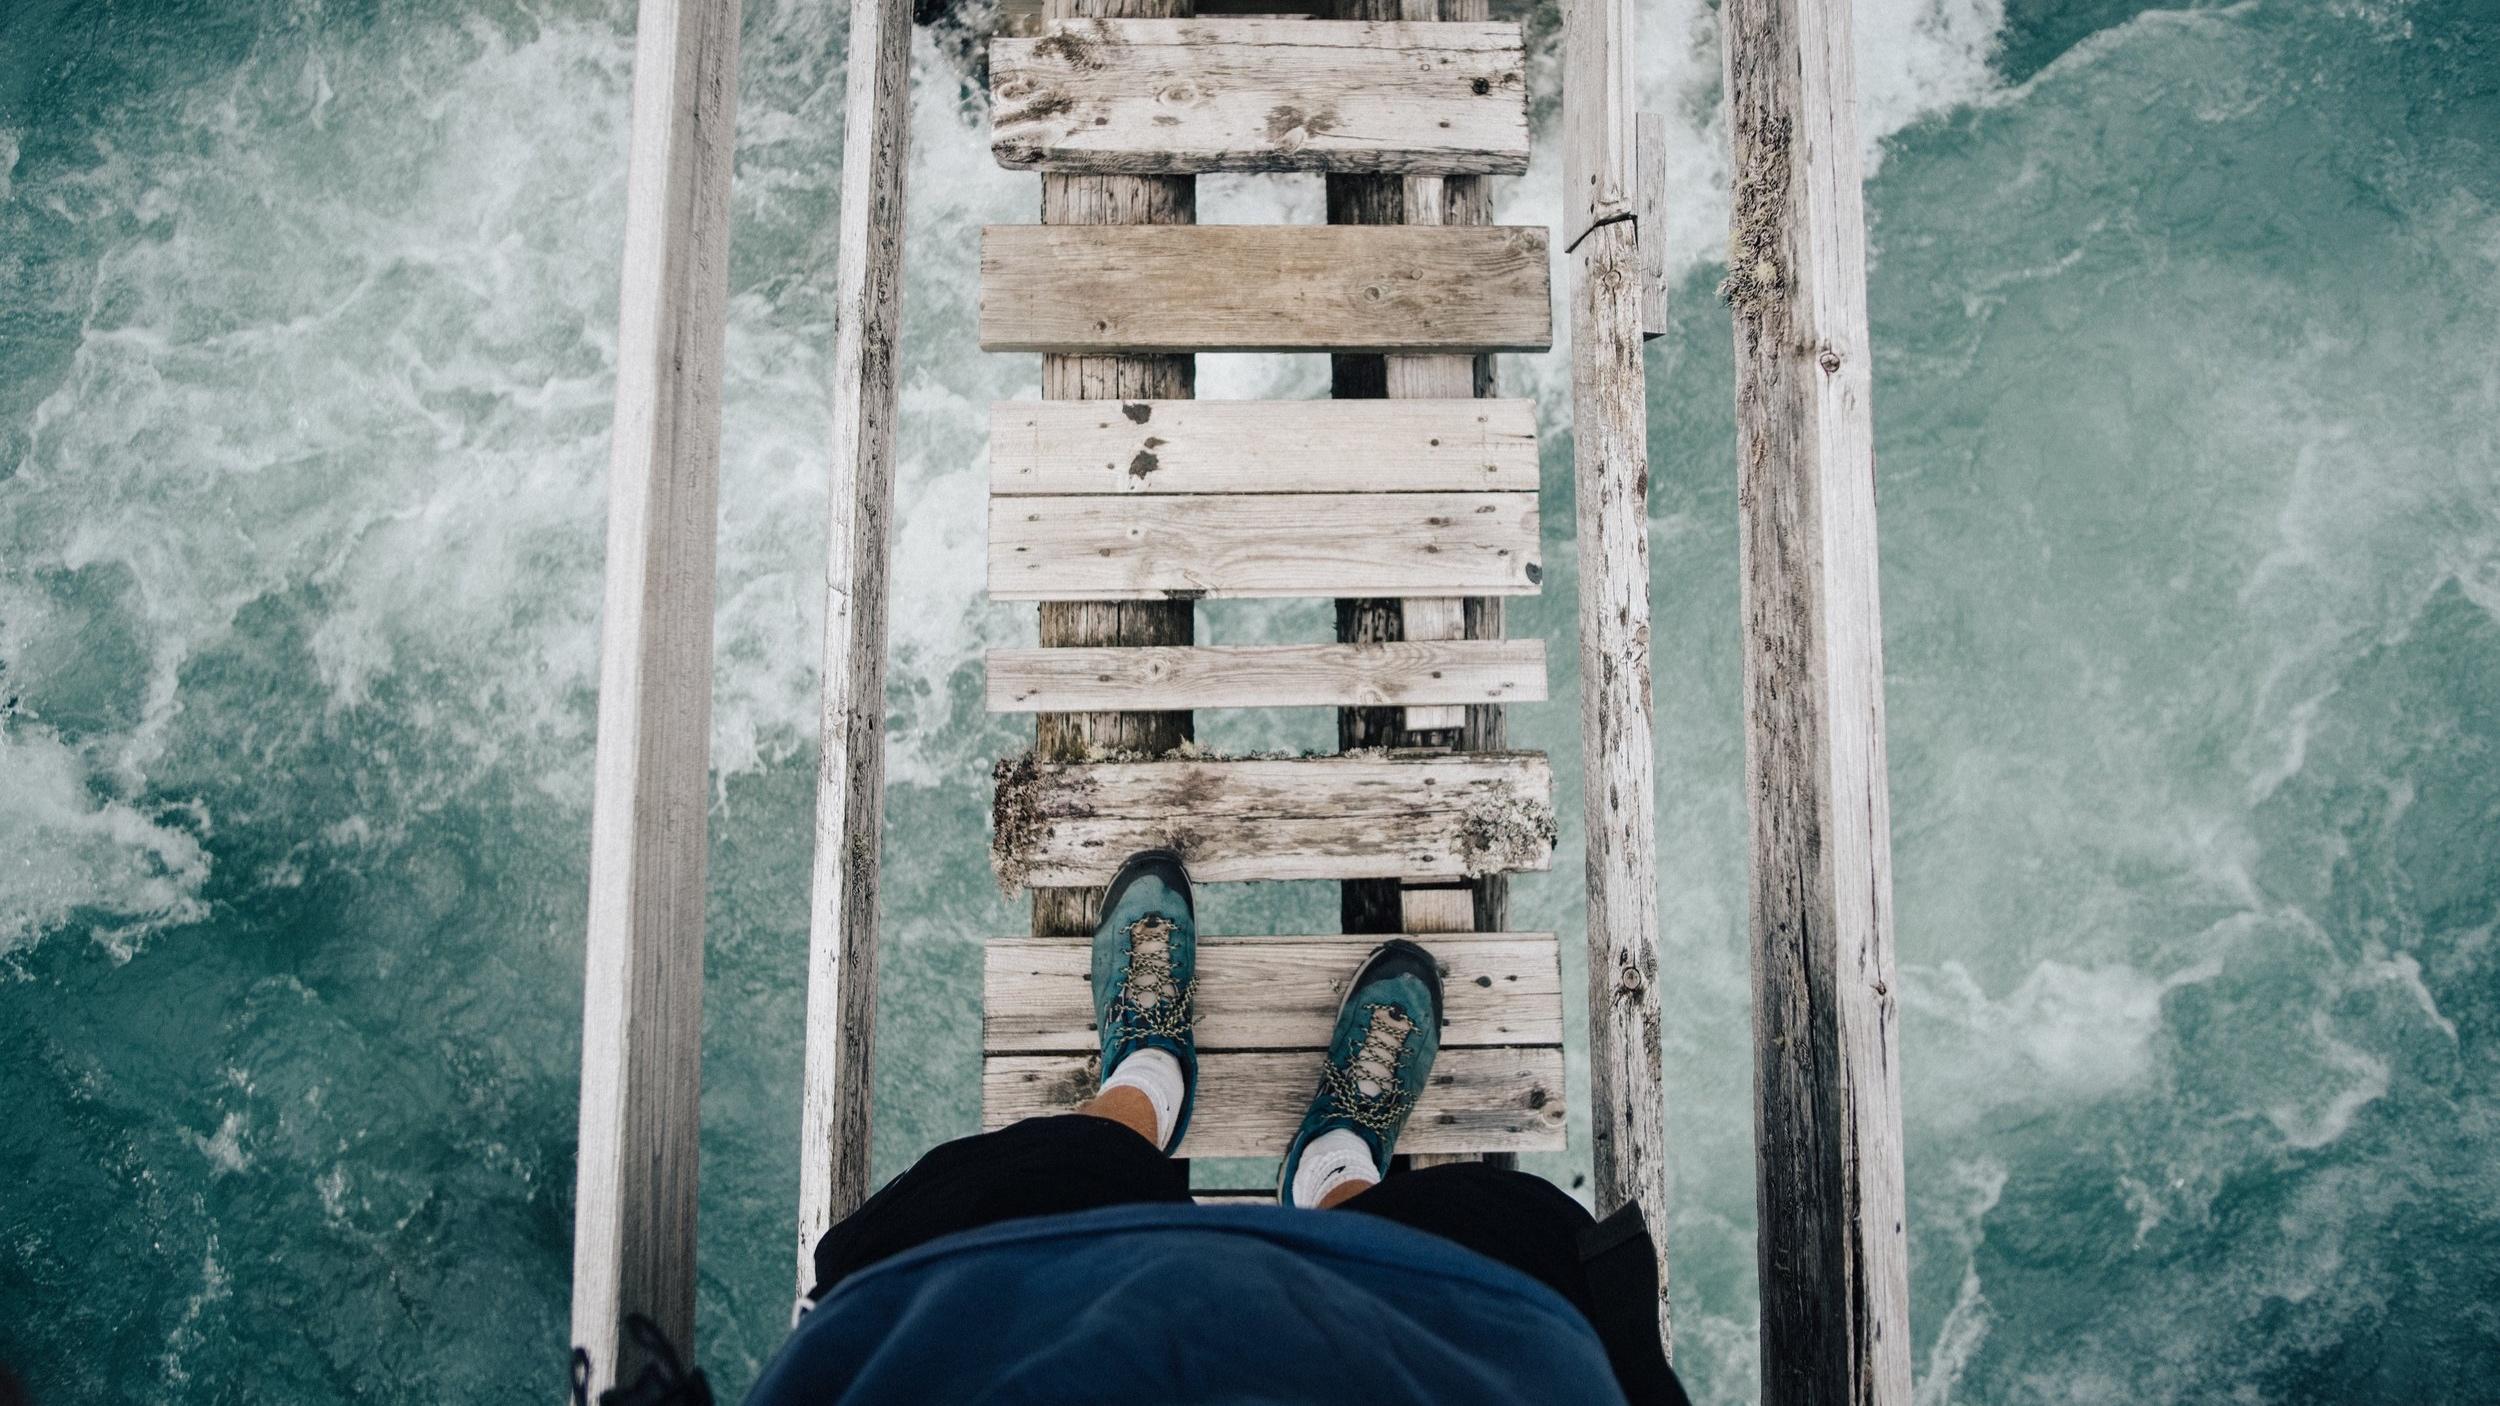 SKYGGECOACHING COMPASSION FOCUSED THERAPY (CFT)  CFT er oprindeligt udviklet til mennesker med en høj grad af selvkritik og skam og på hvilke traditionelle behandlingsmetoder derfor har mindre effekt. Skam, selvkritik og vanskeligheder ved følelsesregulering vides at spille en vigtig rolle i vedligeholdelsen af psykisk lidelse, og CFT's fokus på udviklingen af medfølelse og egenomsorg har vist sig effektiv i psykologisk behandling på tværs af diagnoser og terapiformer.  Når vi taler skam og selvkritik kommer vi heller ikke udenom selve skyggearbejdet, når du skal kigge indad. Uanset hvilken krise eller hvilket livsvendepunkt, vi står i, er der flere ting, vi kan gøre. Vi kan enten ignorere det, fortrænge det, eller håbe på, at følelsen forsvinder af sig selv igen. Eller vi kan kigge indad.  Når du arbejder med dine skyggesider, får du adgang til et større repertoire, hvilket fører til en større følelse af helhed. Når du har adgang til hele dig, vil du automatisk mærke en større balance.